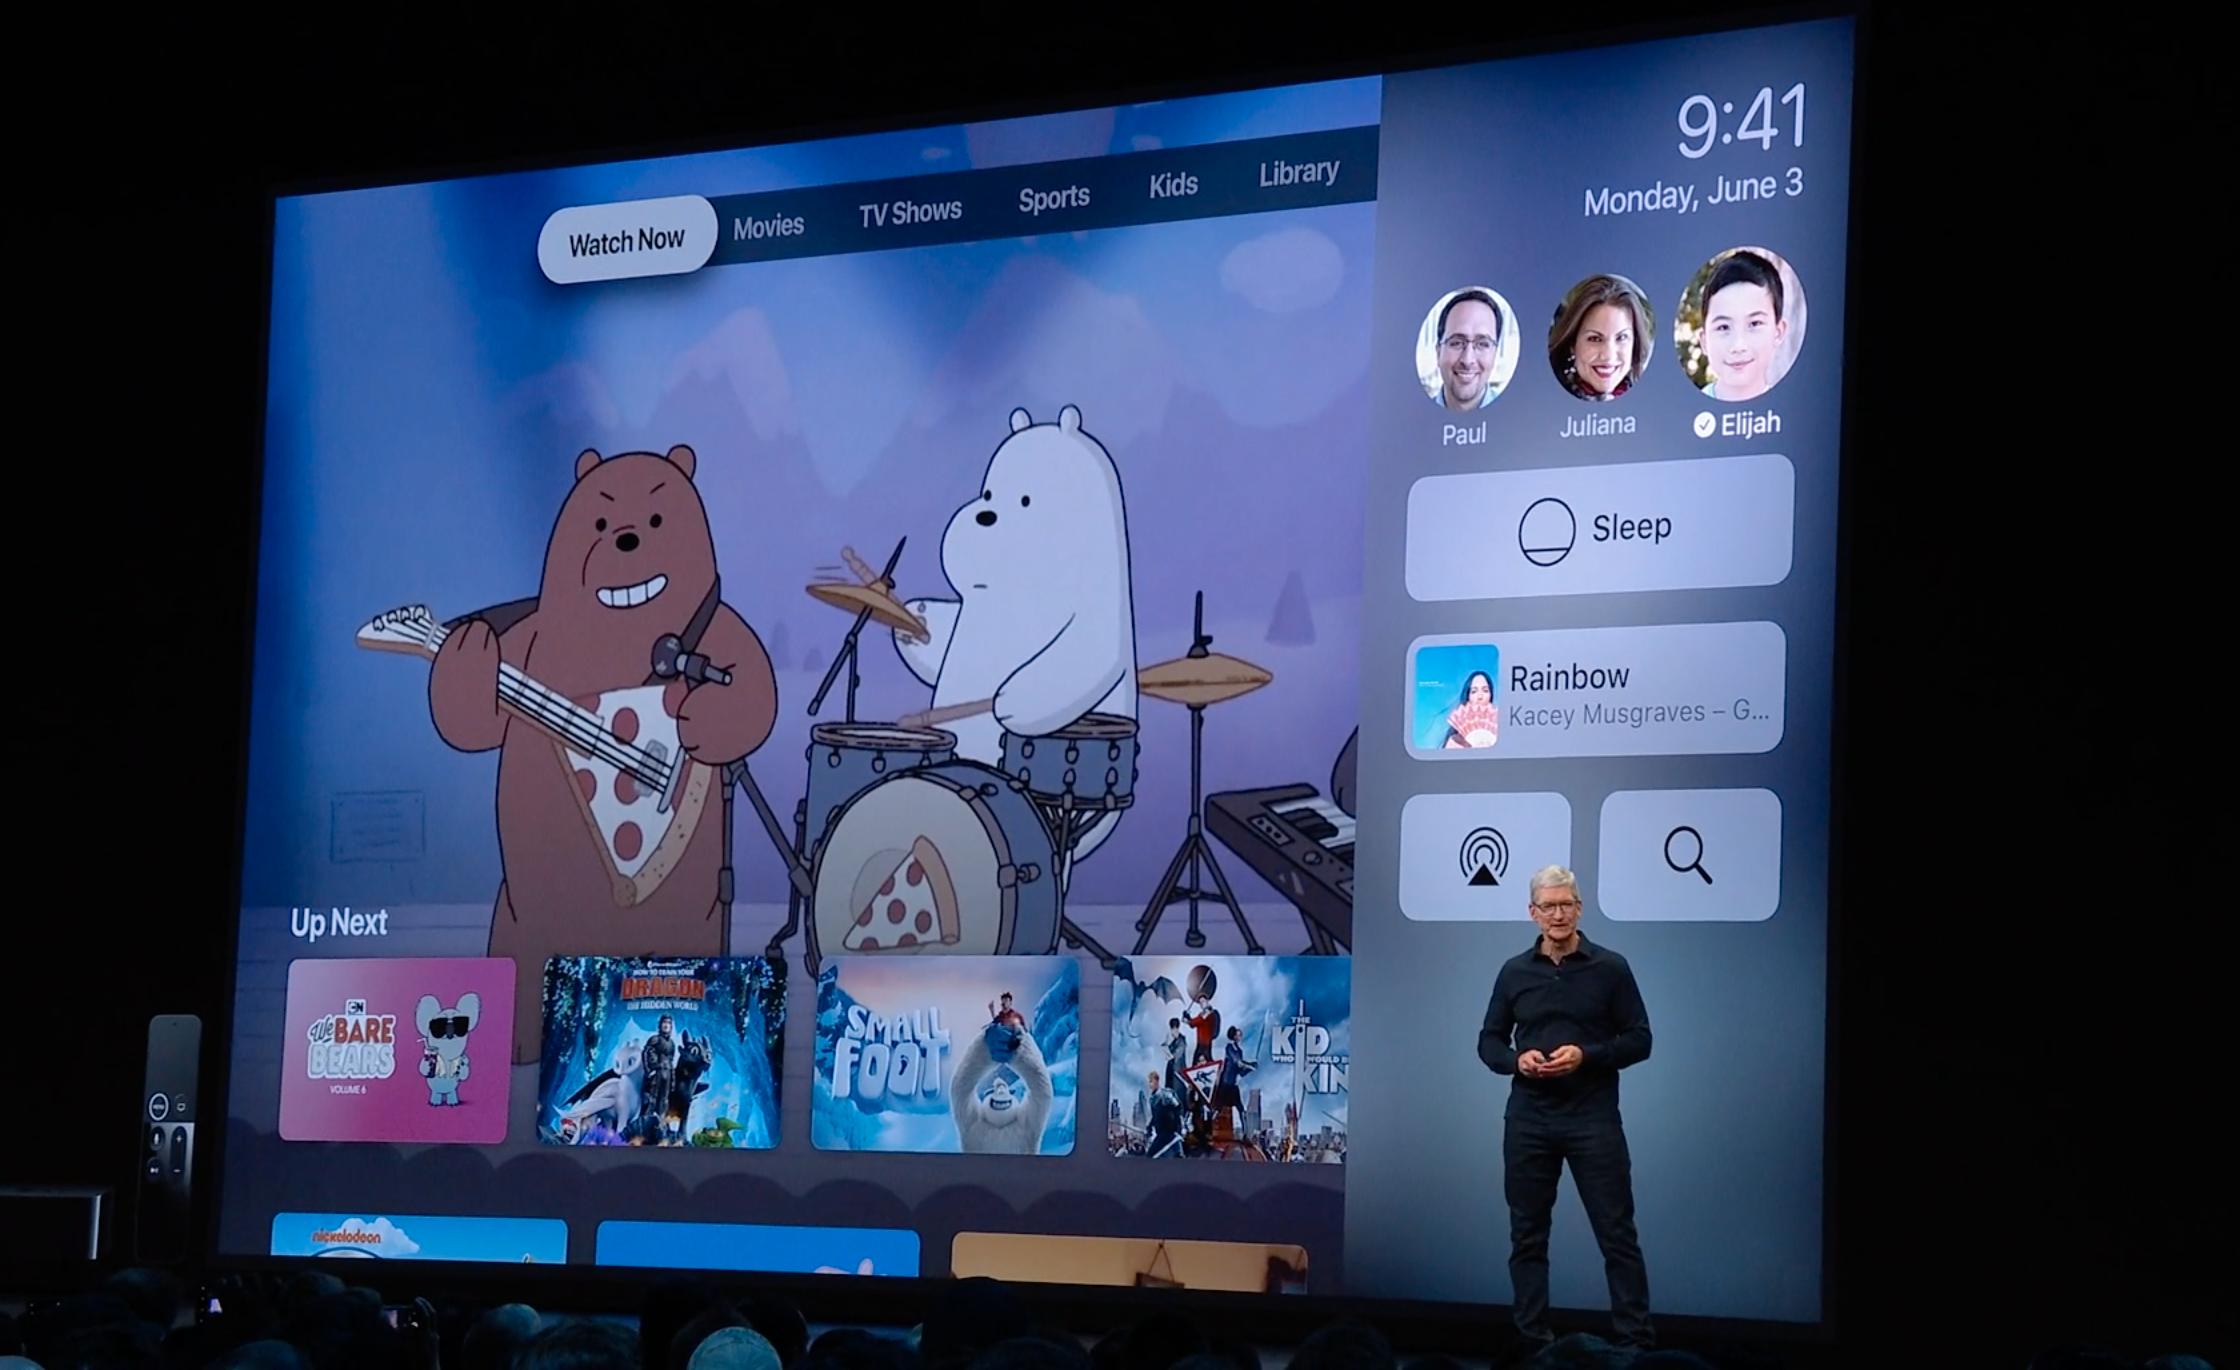 Apple TV får flerbrukerstøtte, så du får tilpasset innhold basert på hvem som er logget inn. Du kan bytte brukere på siden.